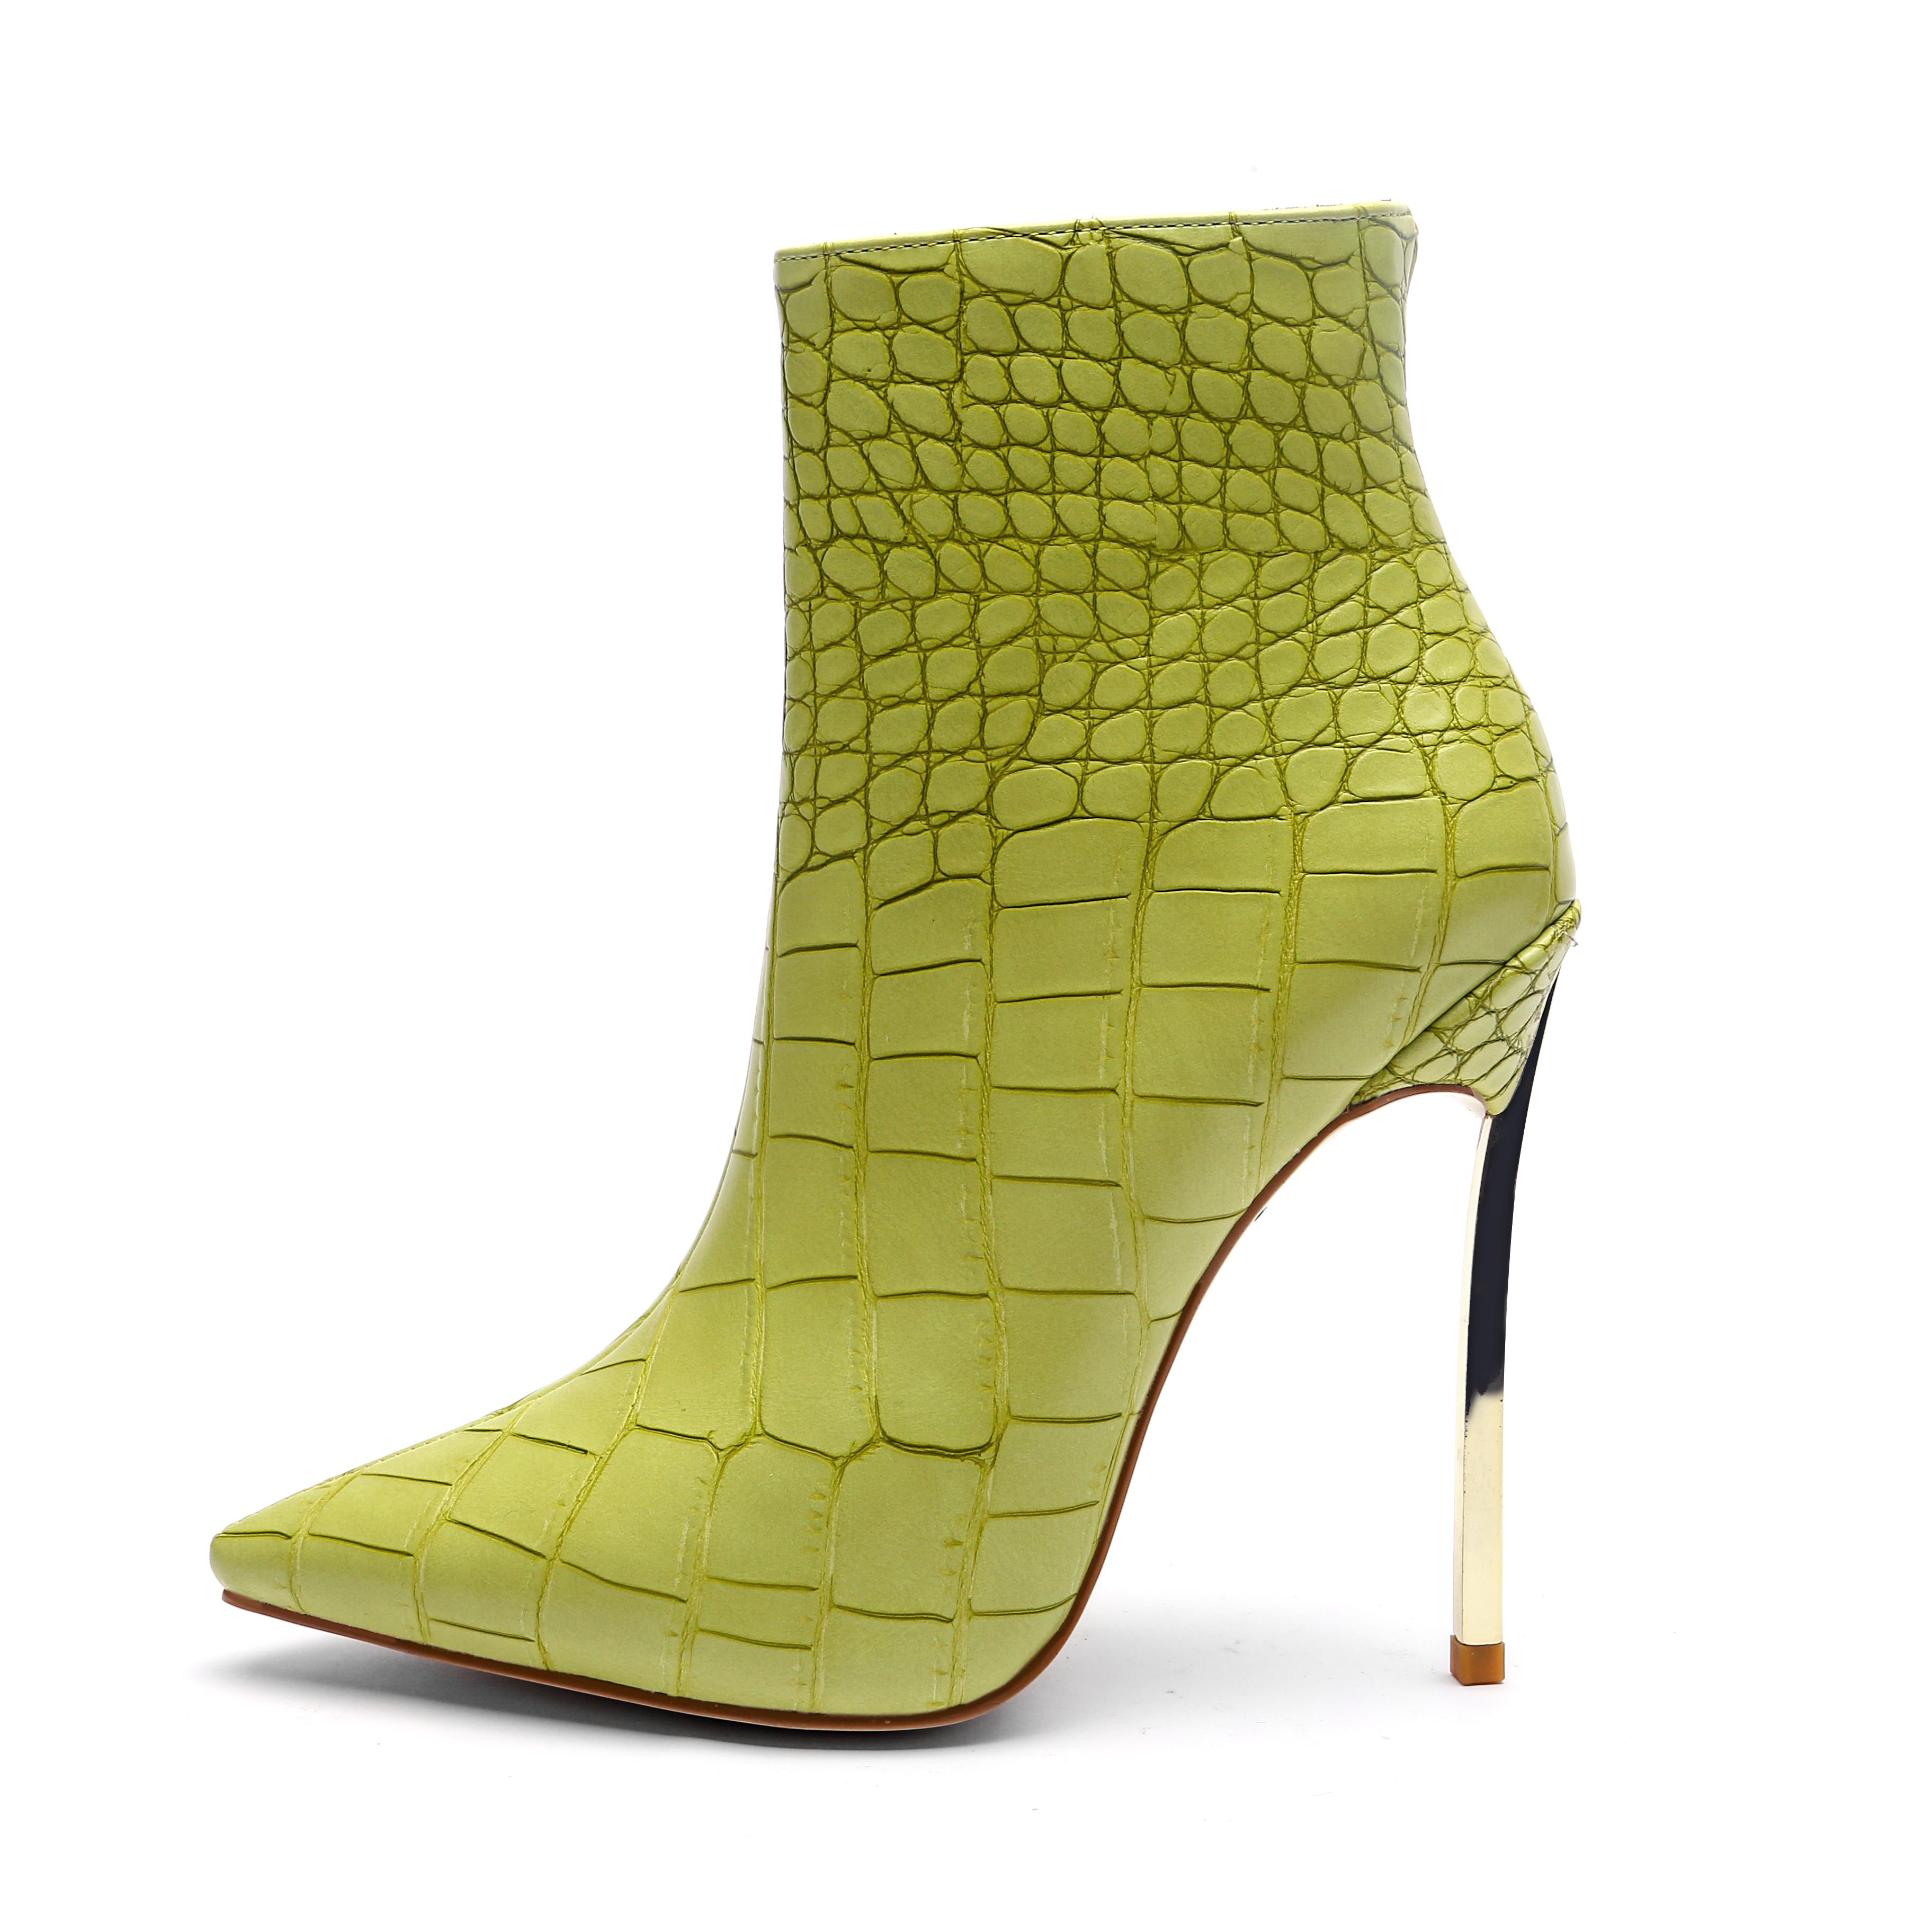 Cina Commerci All'ingrosso Delle Signore Del Metallo Dell'oro Zapatos Mujer Sexy Degli Alti Talloni Delle Donne Stivali Scarpe Per L'inverno